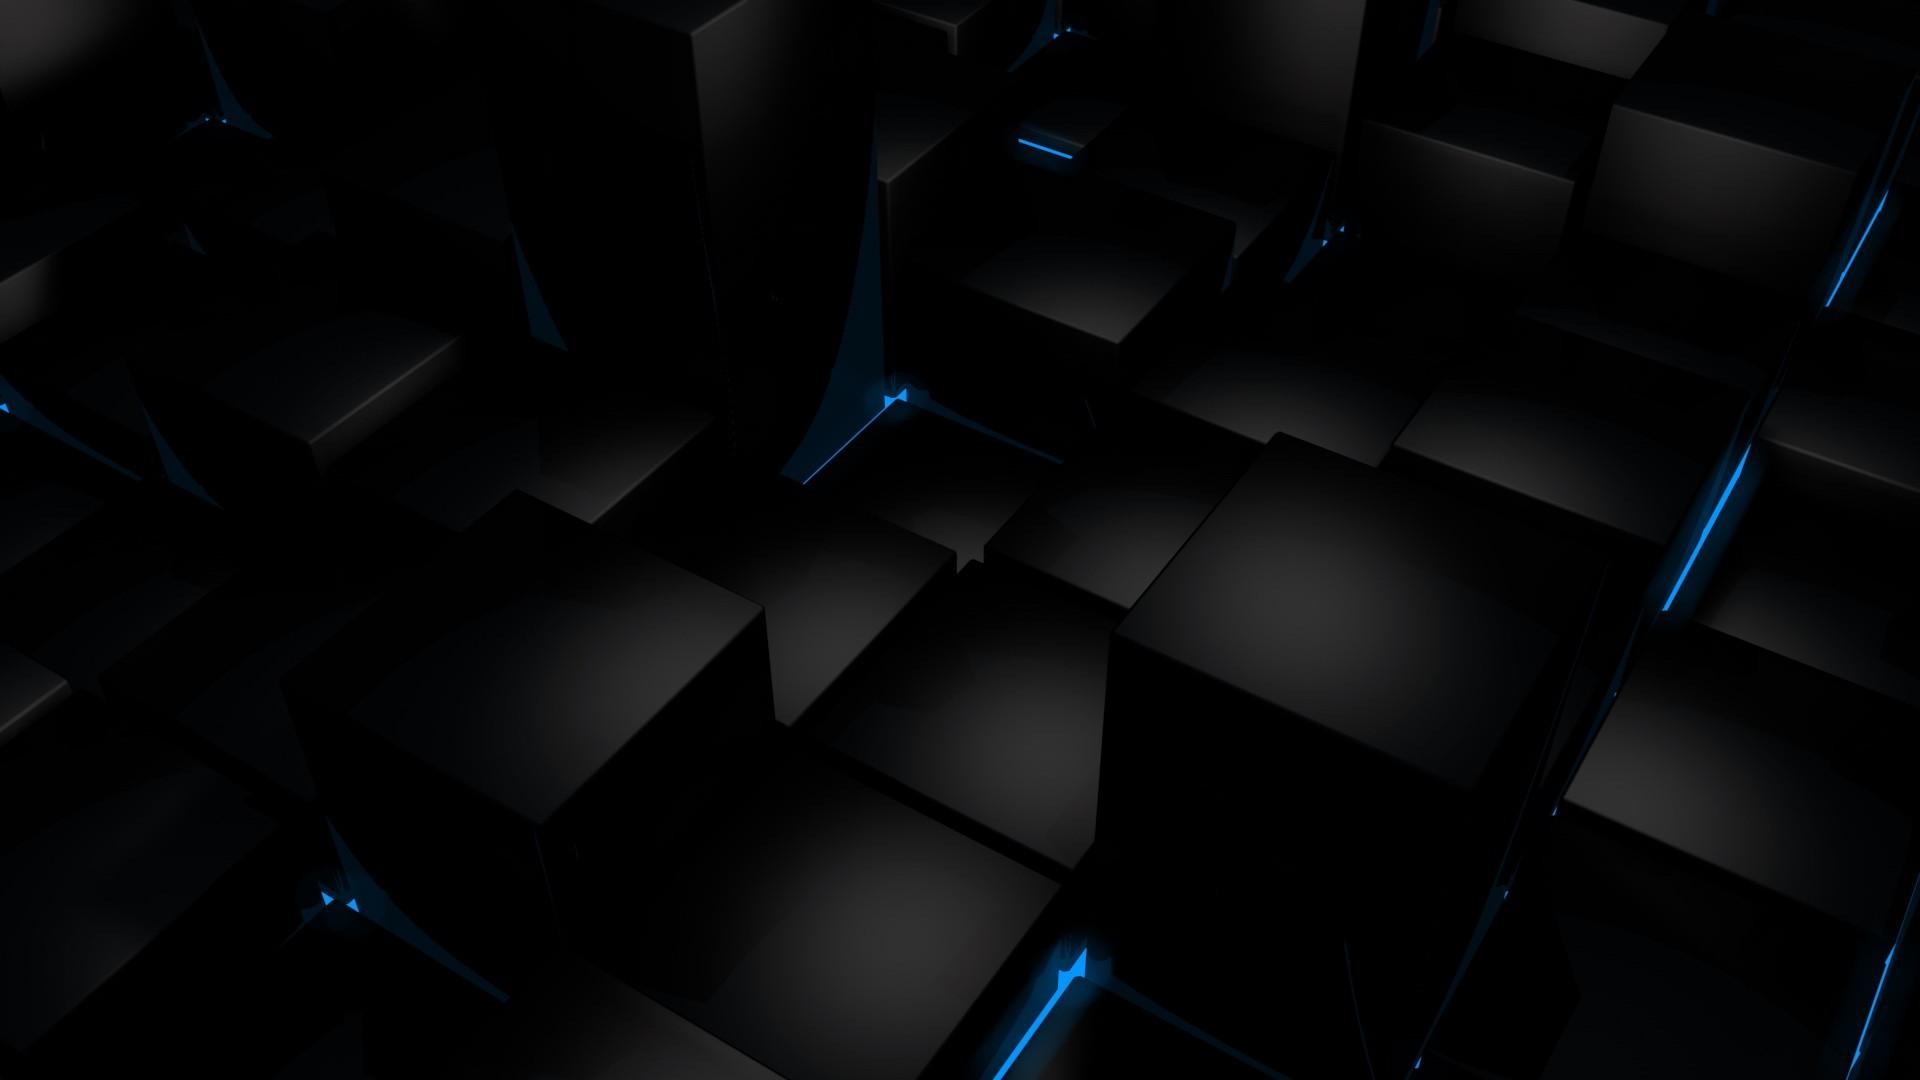 Hintergrnde HD von 3d HD Hintergrundbild von HD 1920x1080